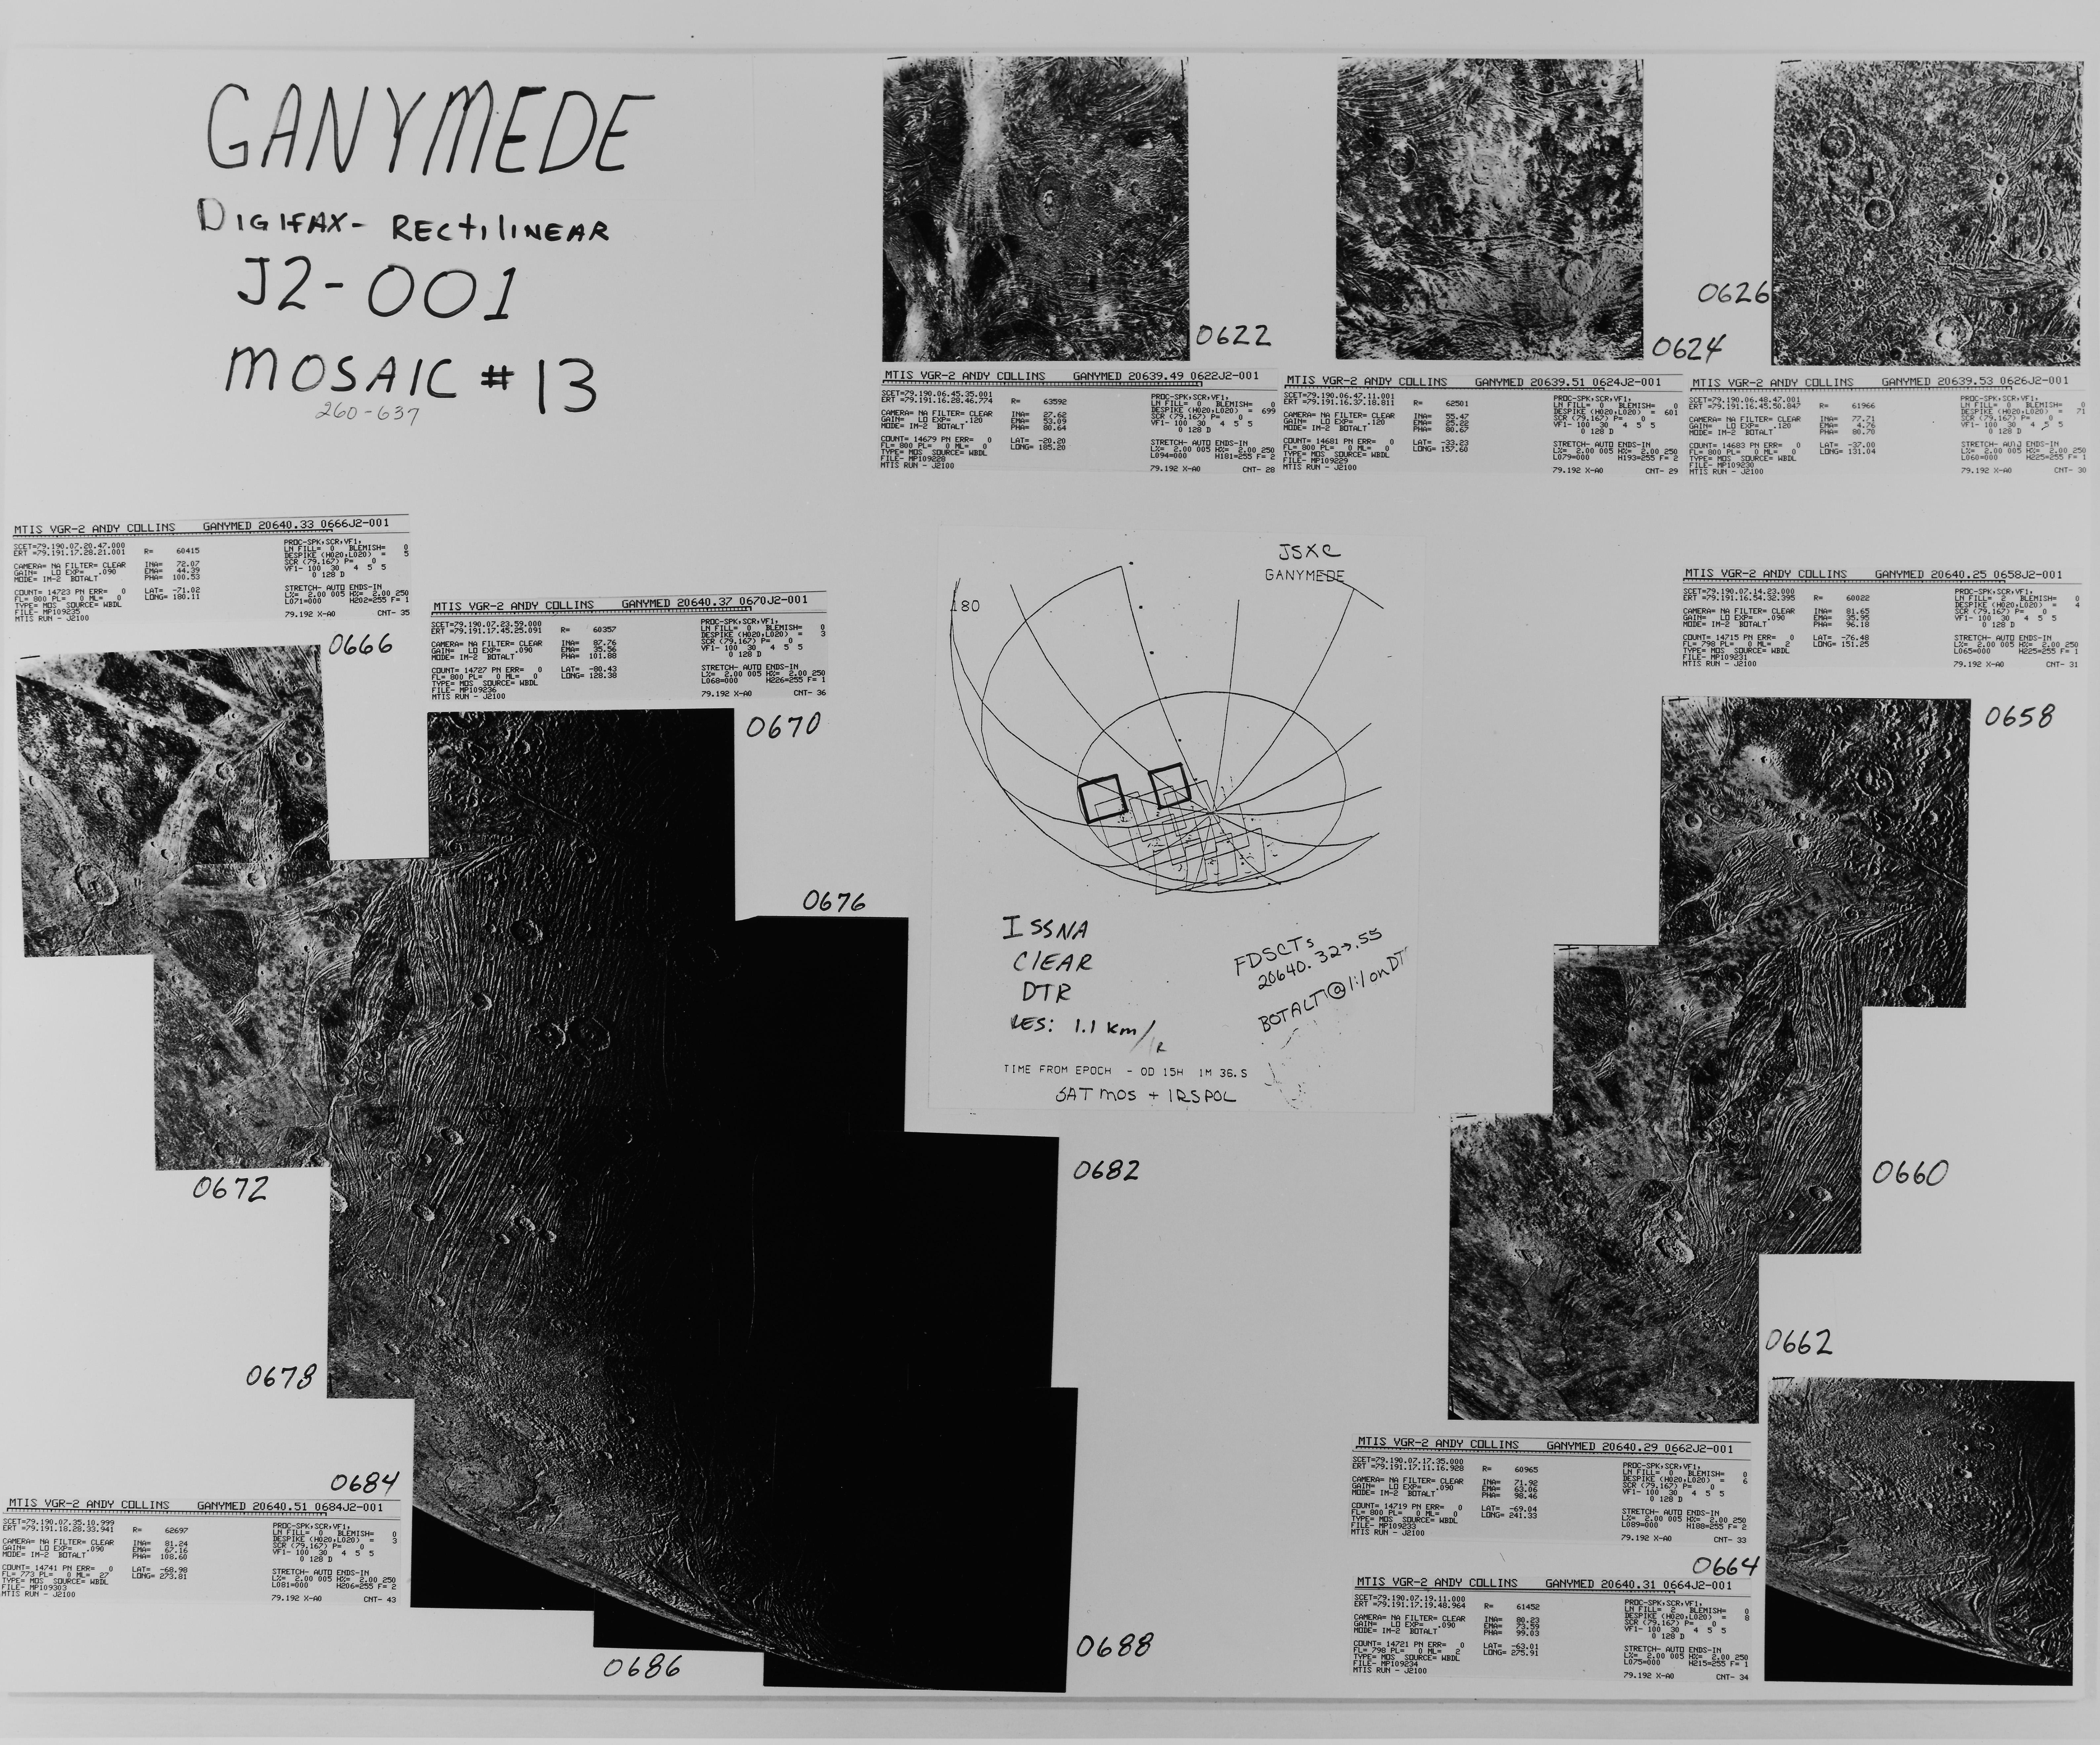 Jupiter's Moons in 1979: Ganymede by Voyager 2